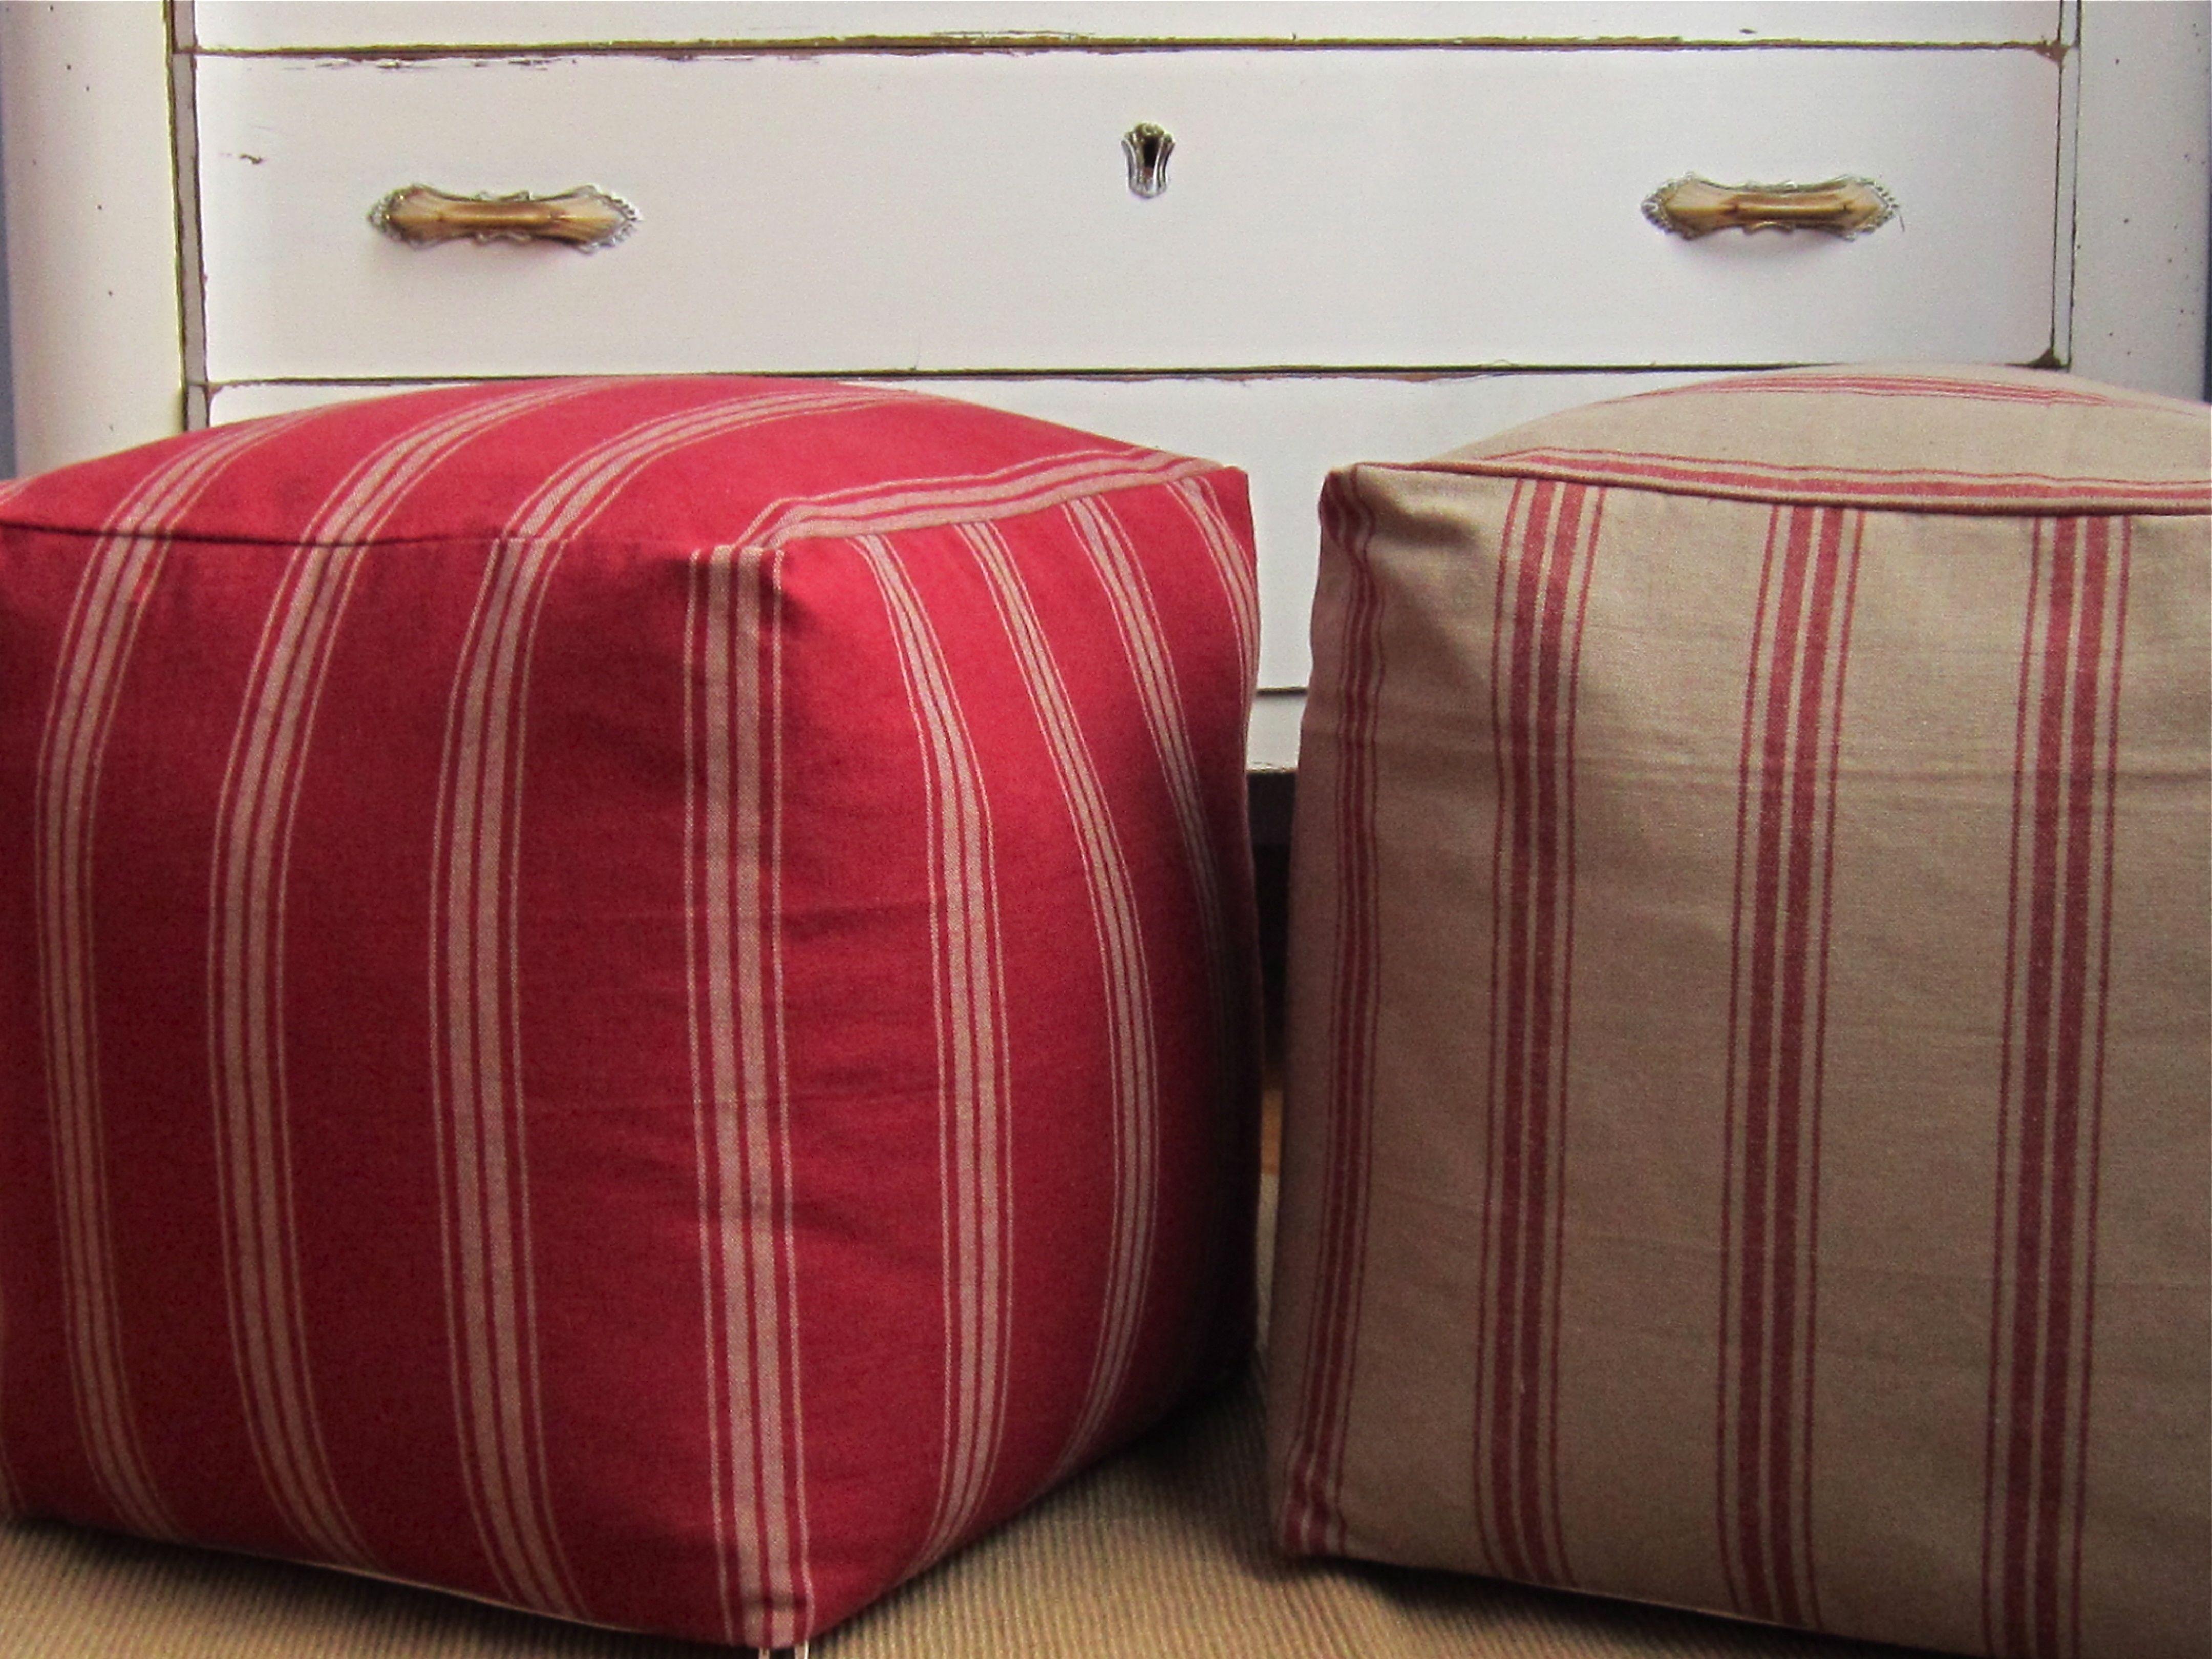 Tavolino Poggiapiedi ~ Pouf grain sack 40x40x40 pouf rigato pouf rustico pouf rosso